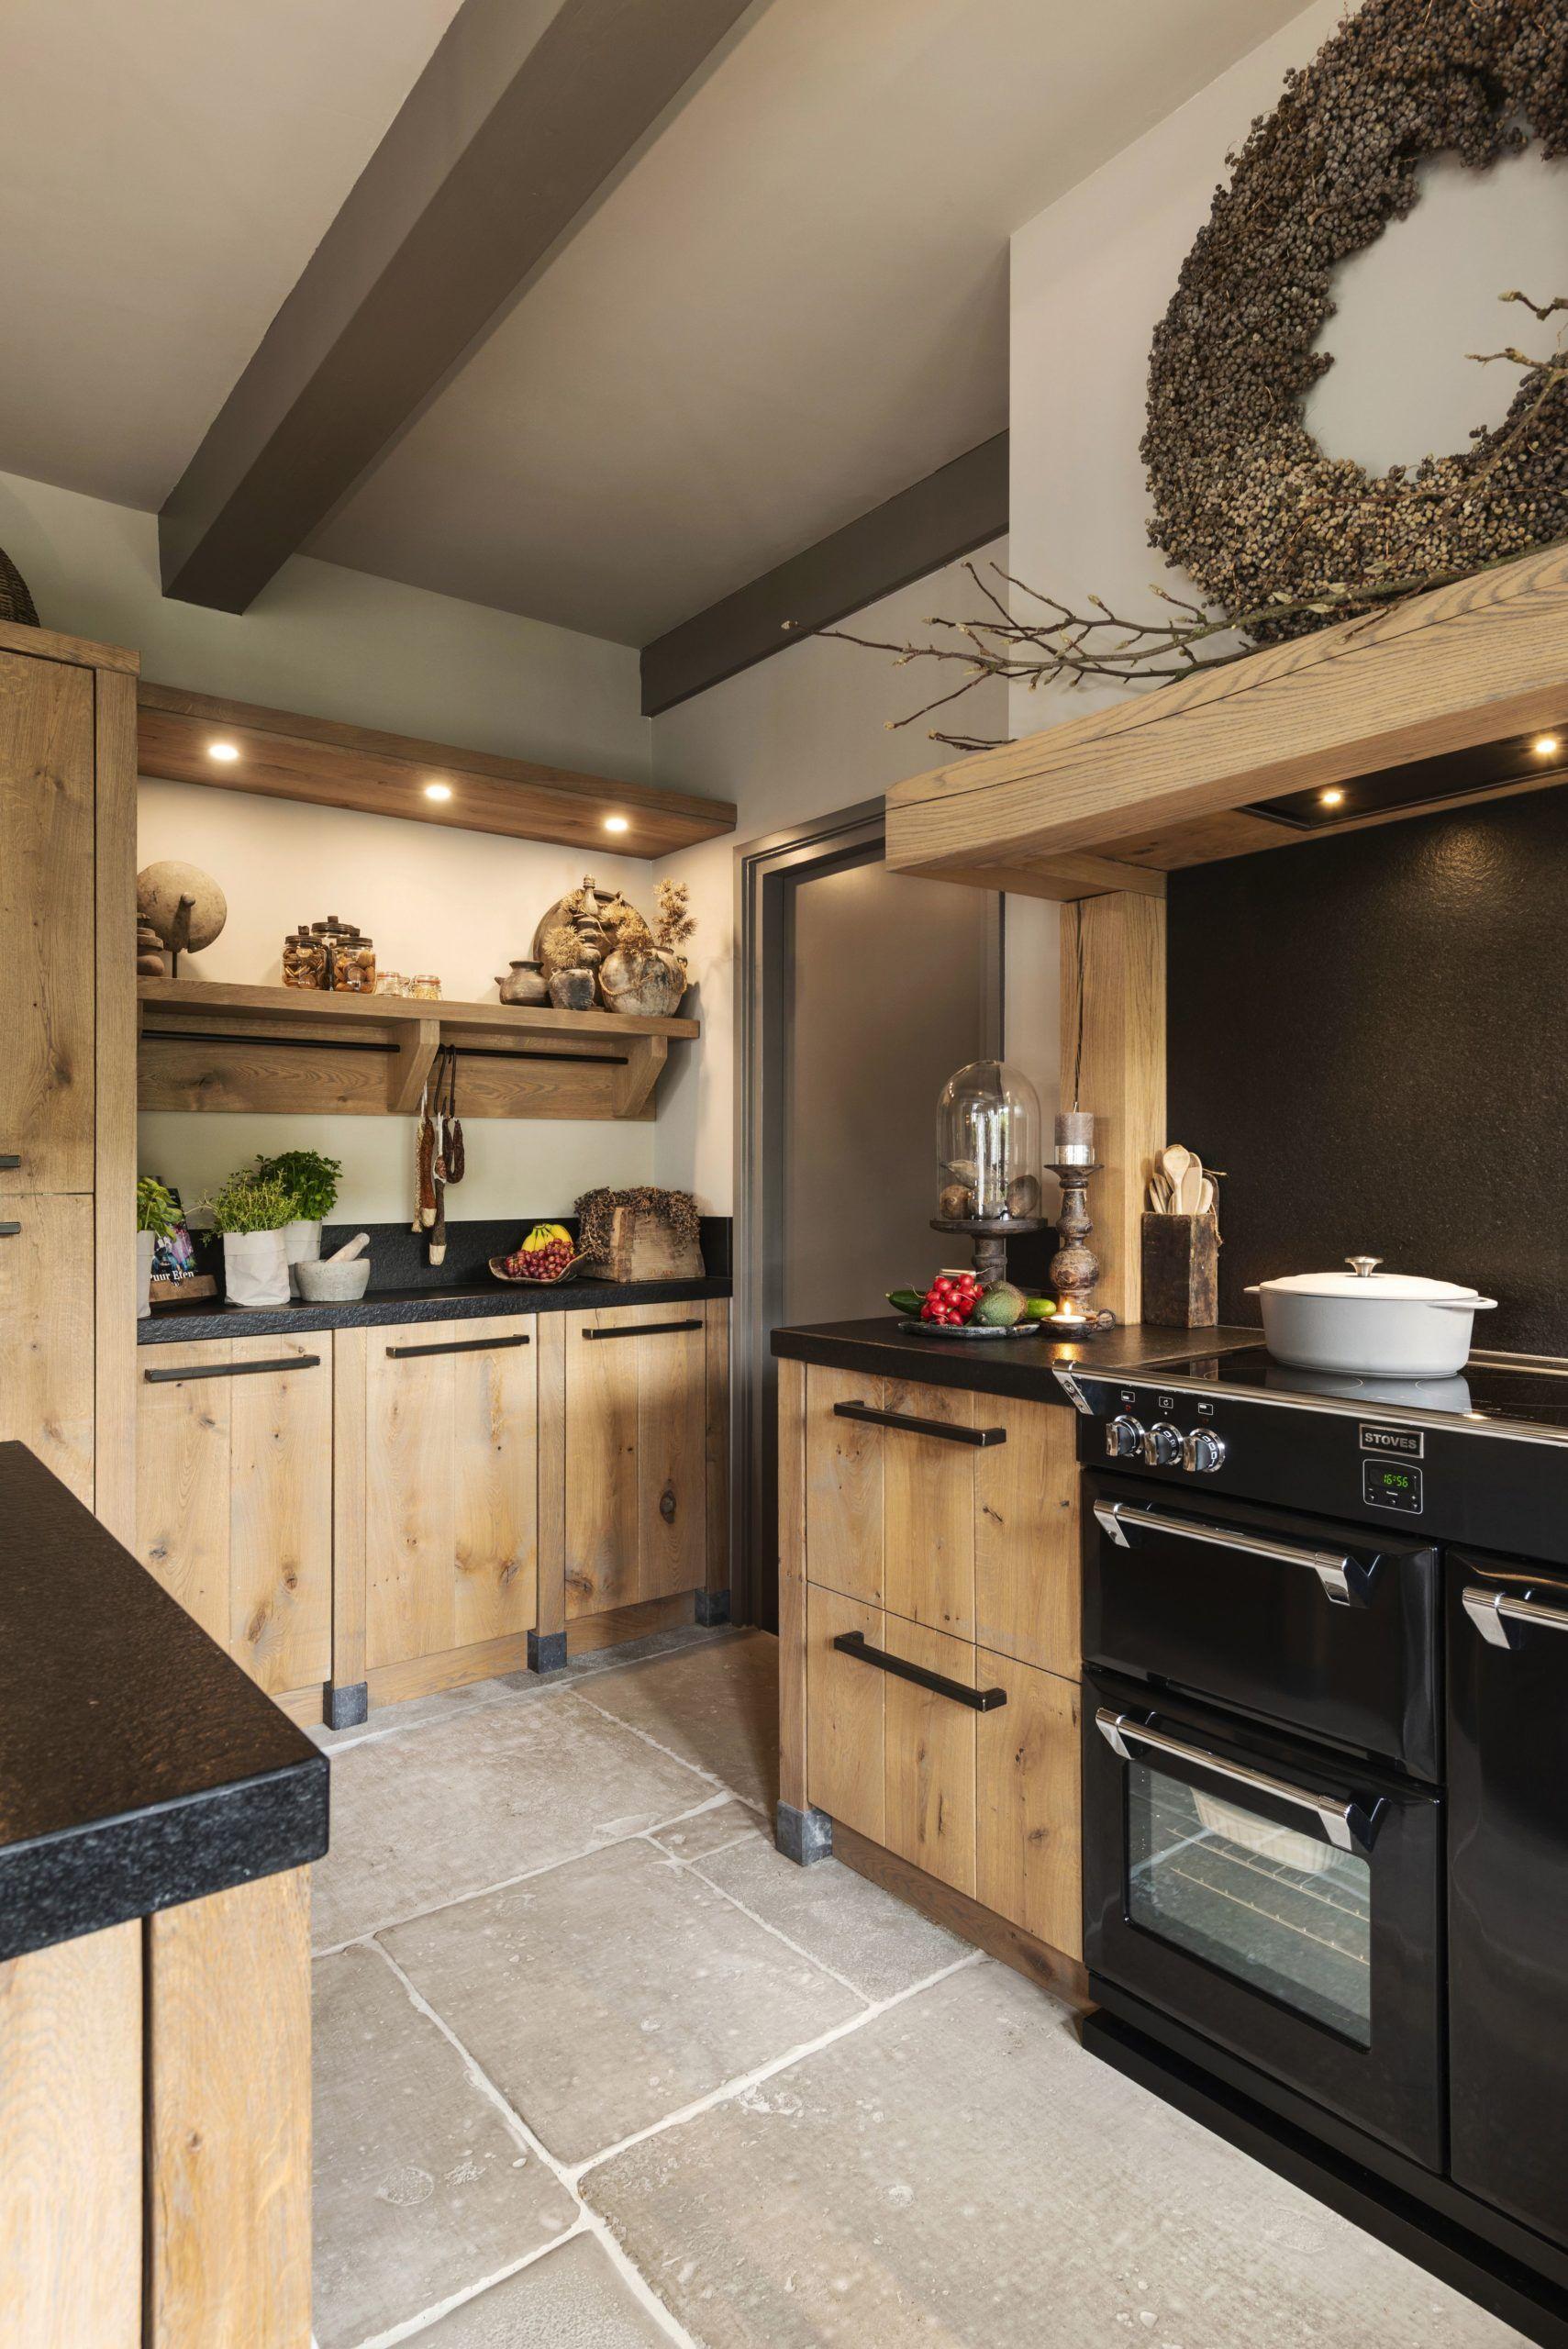 FAMILIENKÜCHE IM EICHENALTER in 2020 Haus küchen, Küche